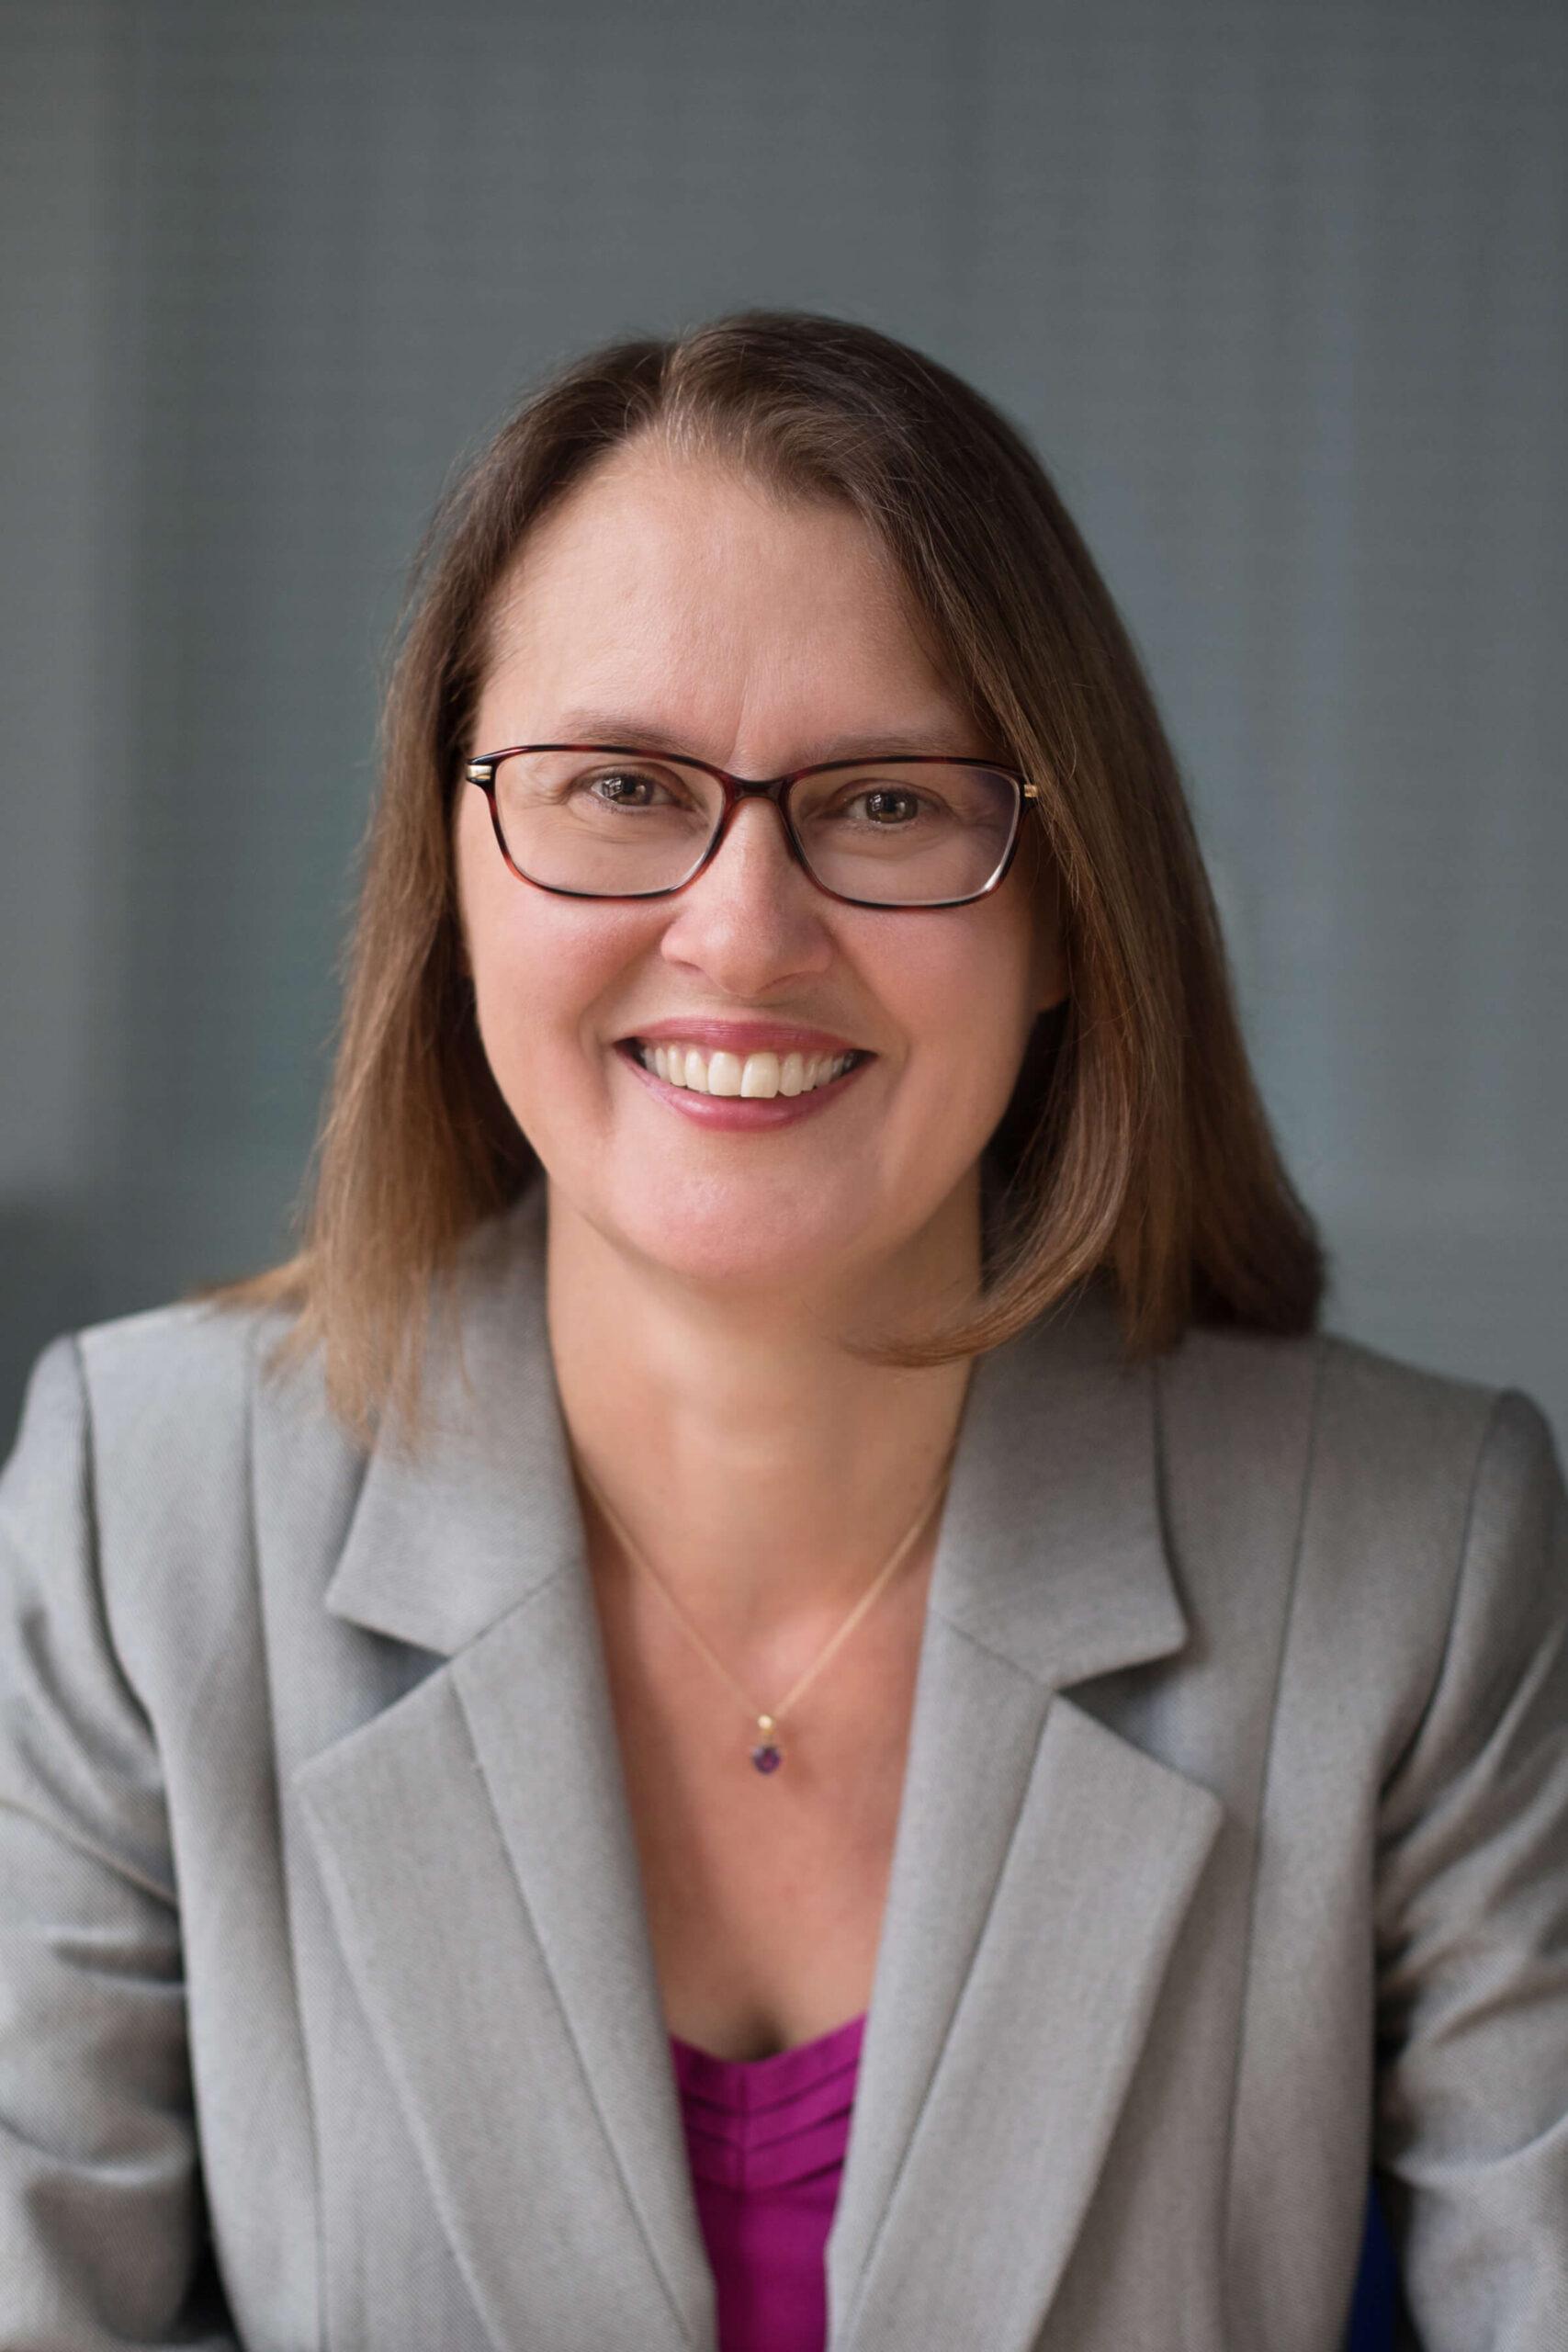 Karen Simons